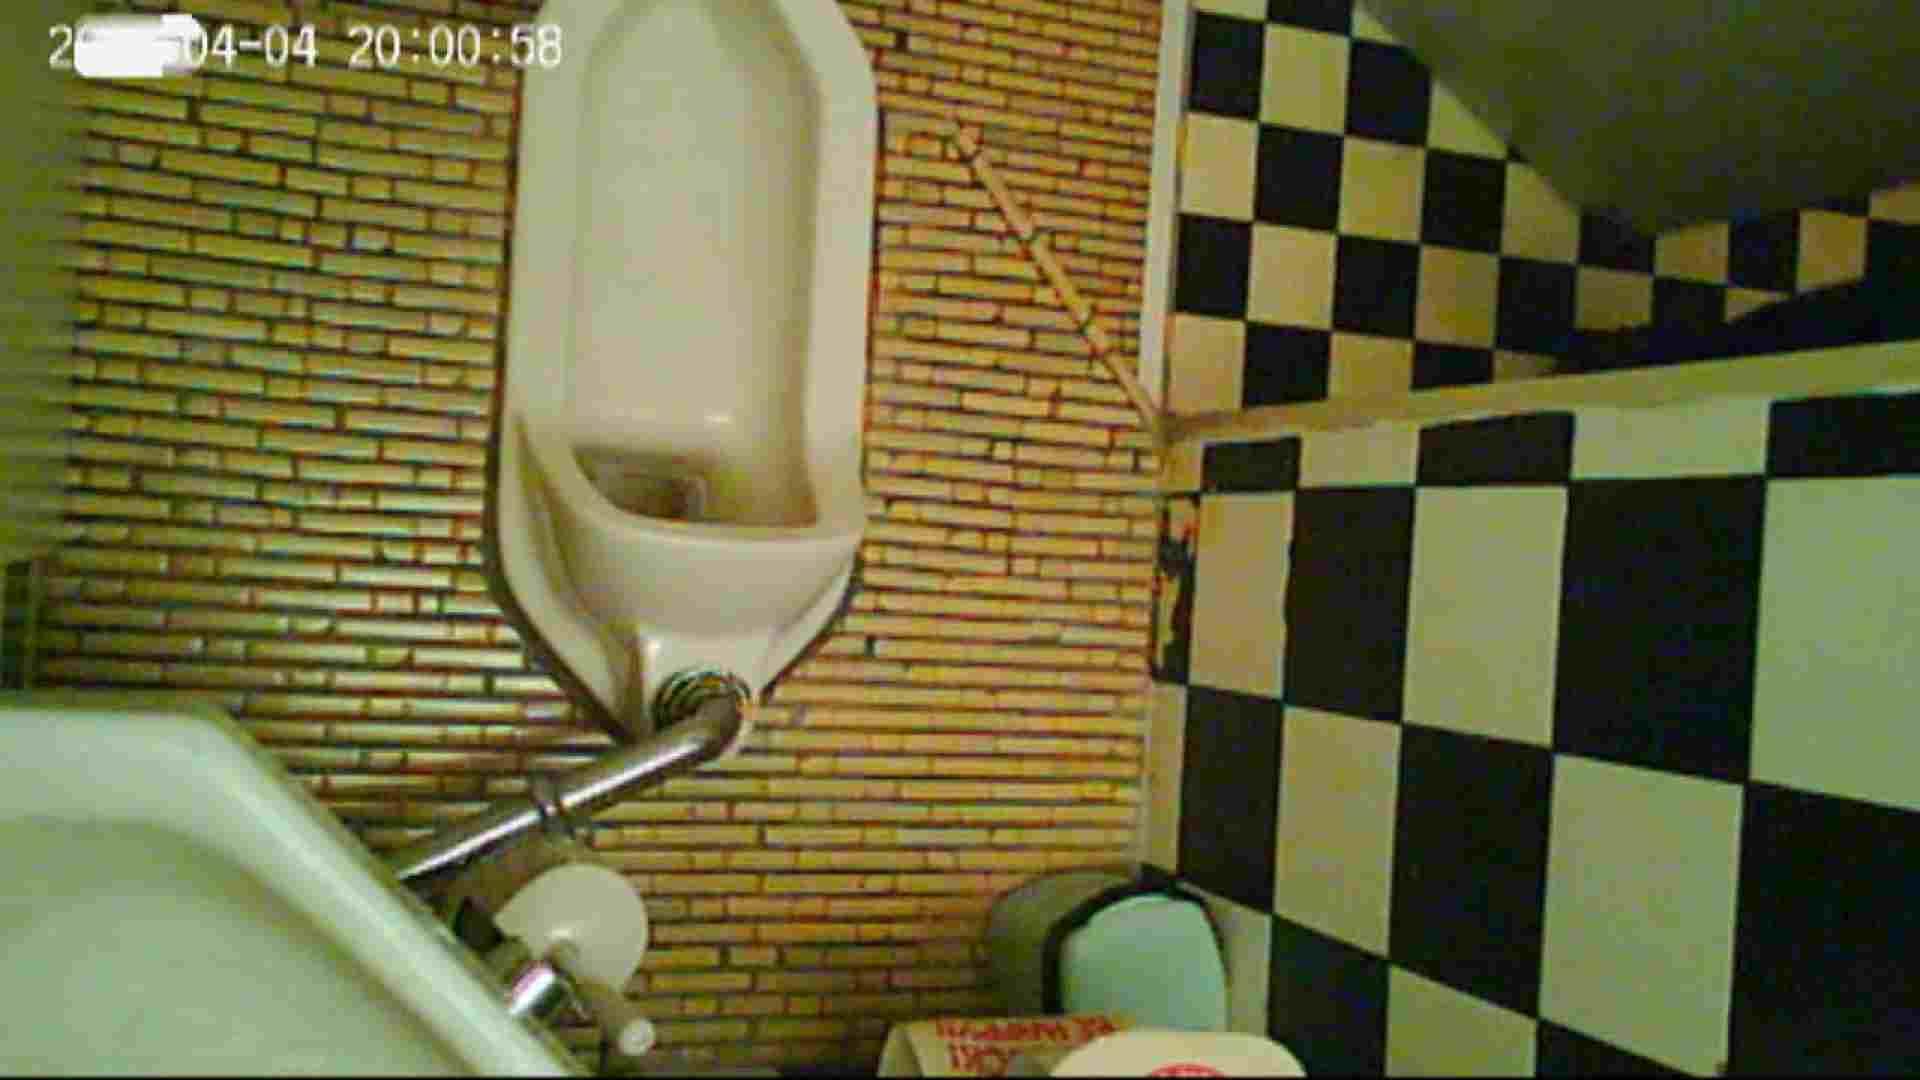 和式トイレの喫茶店店主マロンさんのコレクションvol.7 盗撮   和式  67pic 14